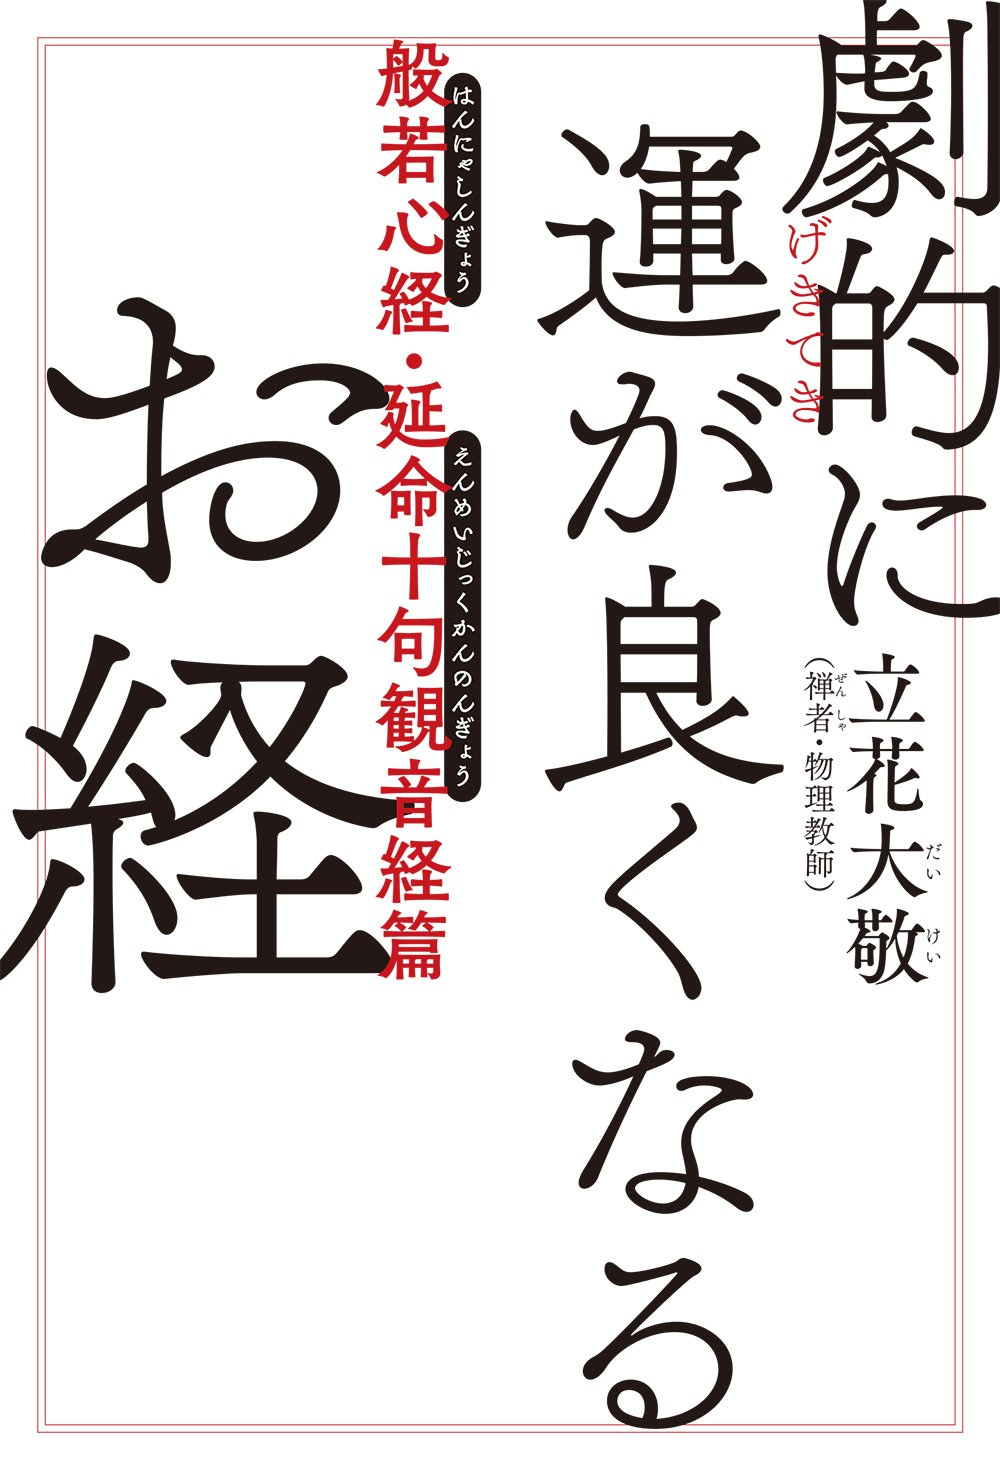 劇的に運が良くなるお経 般若心経・延命十句観音経篇   立花 大敬  本 ...